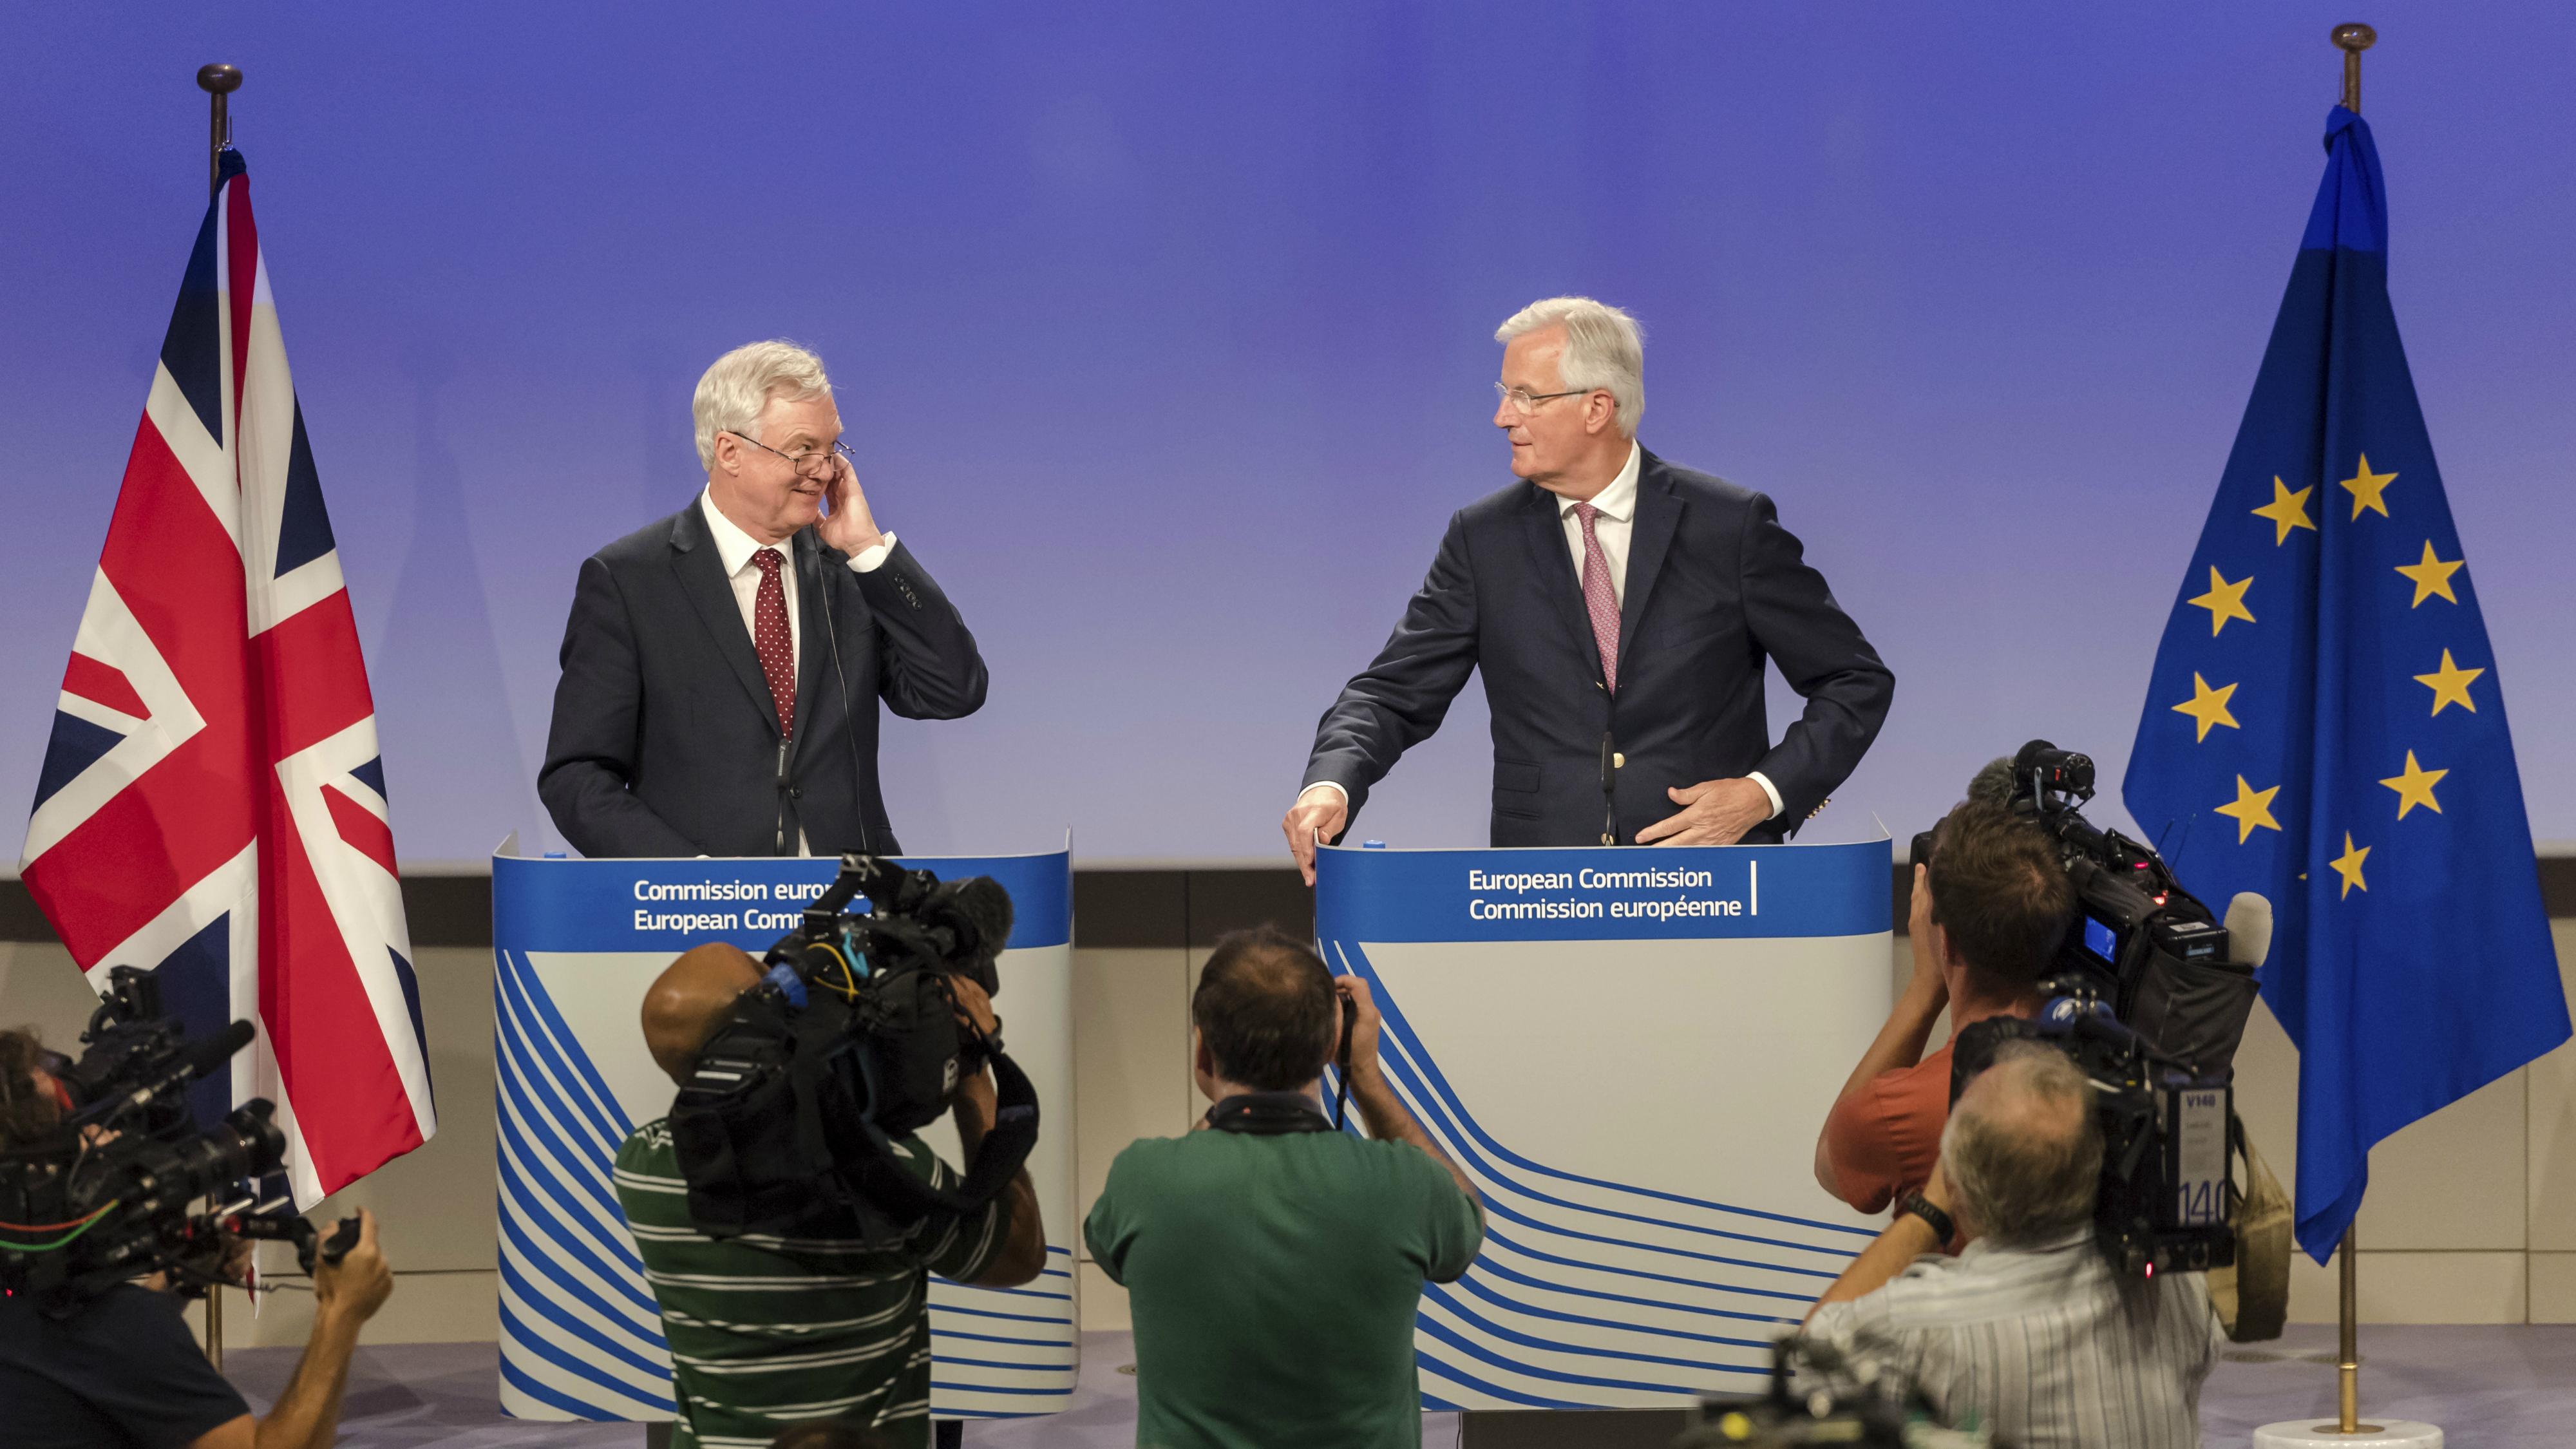 c-brexit-AP_17201418537983-Geert Vanden Wijngaert